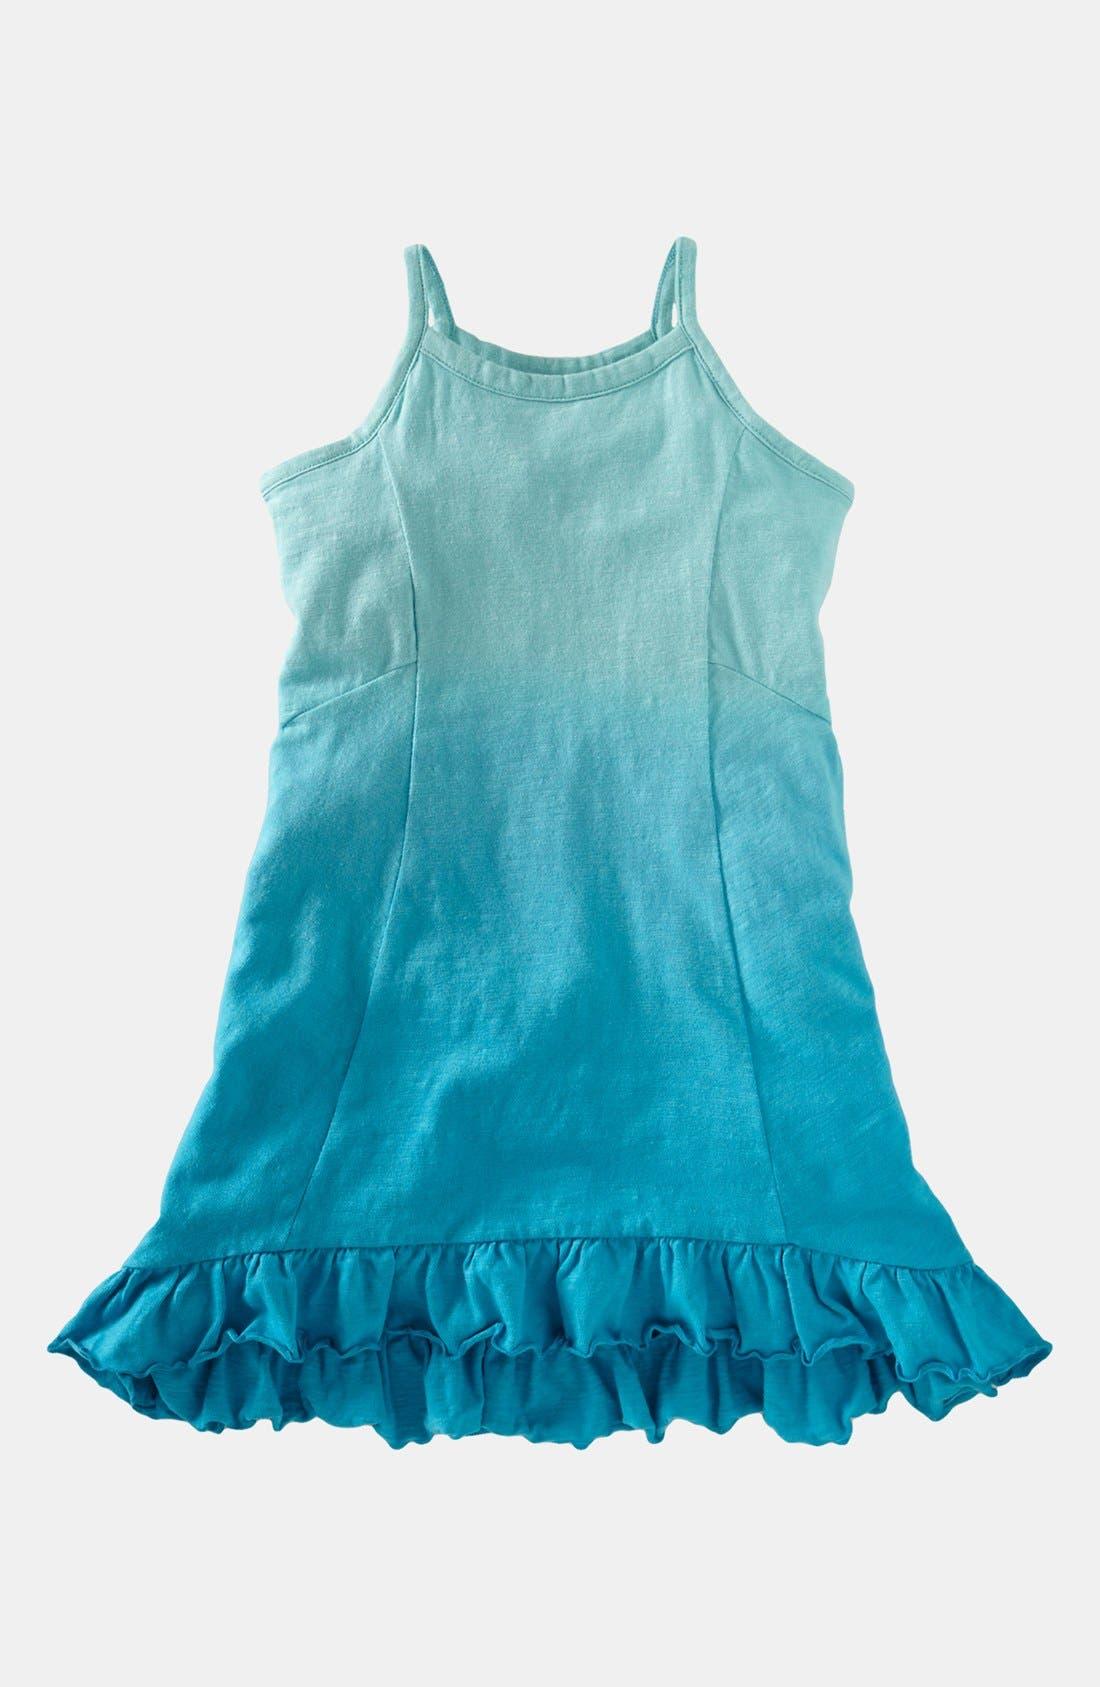 Main Image - Tea Collection 'Seafarer' Dress (Toddler)